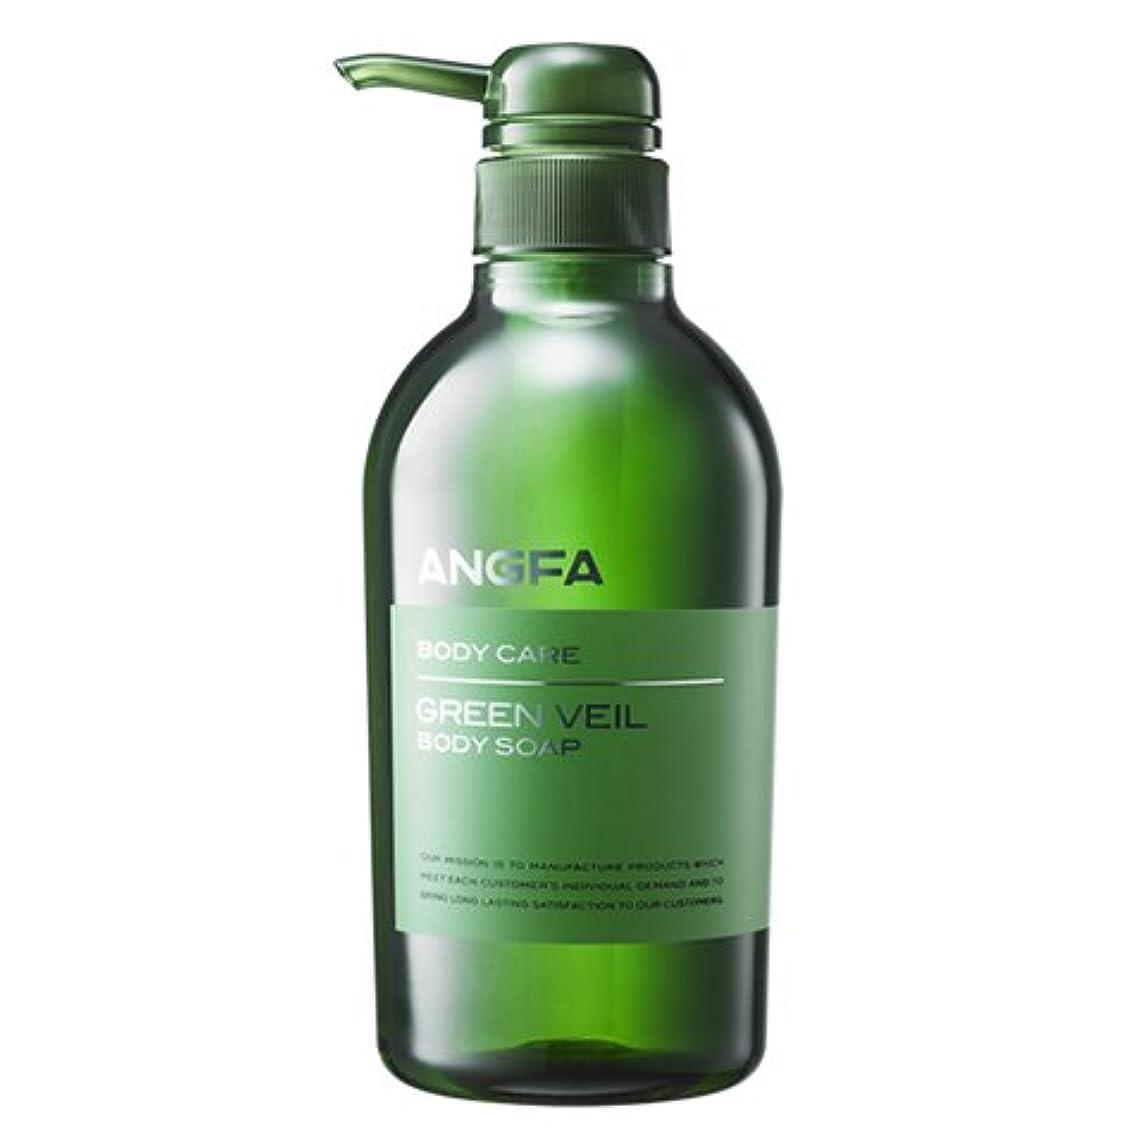 採用する混沌新聞アンファー (ANGFA) グリーンベール 薬用ボディソープ 500ml グリーンフローラル [乾燥?保湿] かゆみ肌